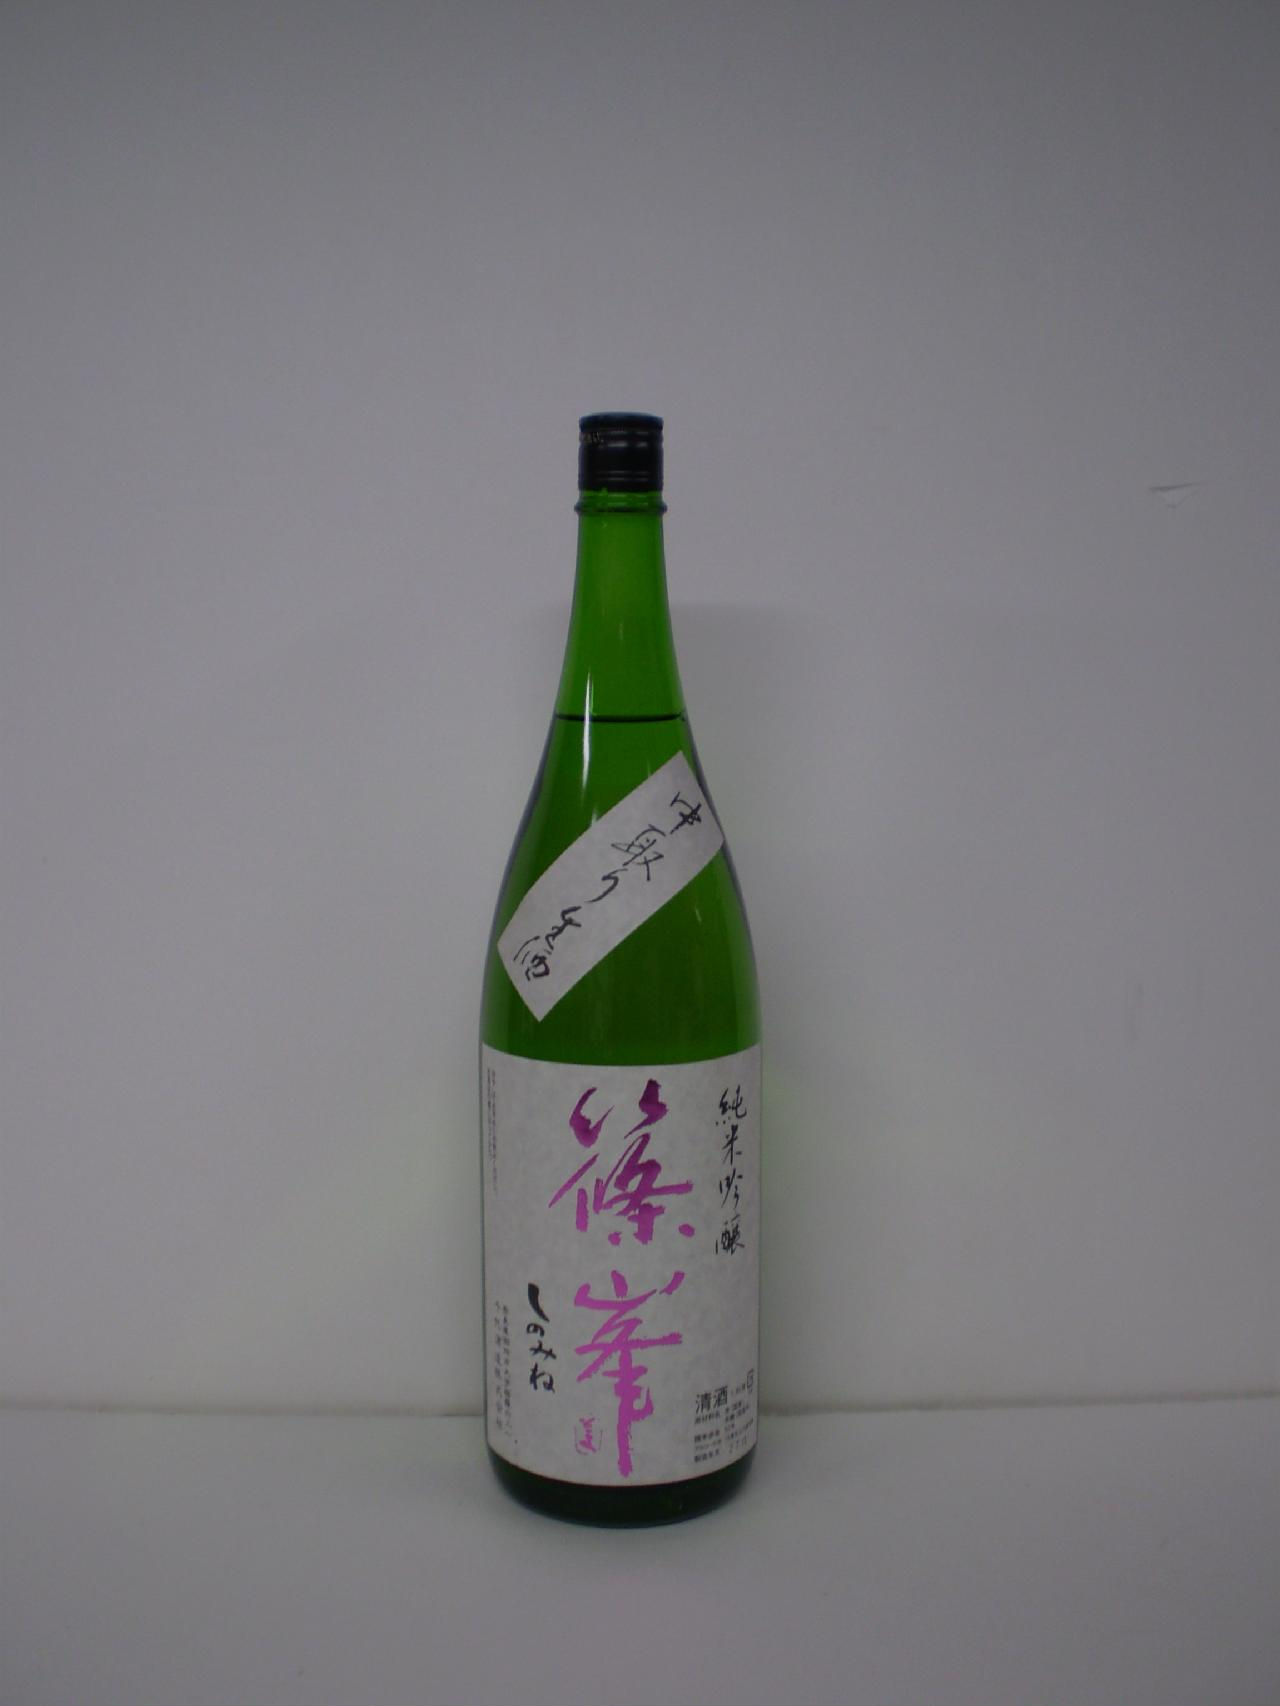 篠峯 中取り純米吟醸生 1800ml 千代酒造